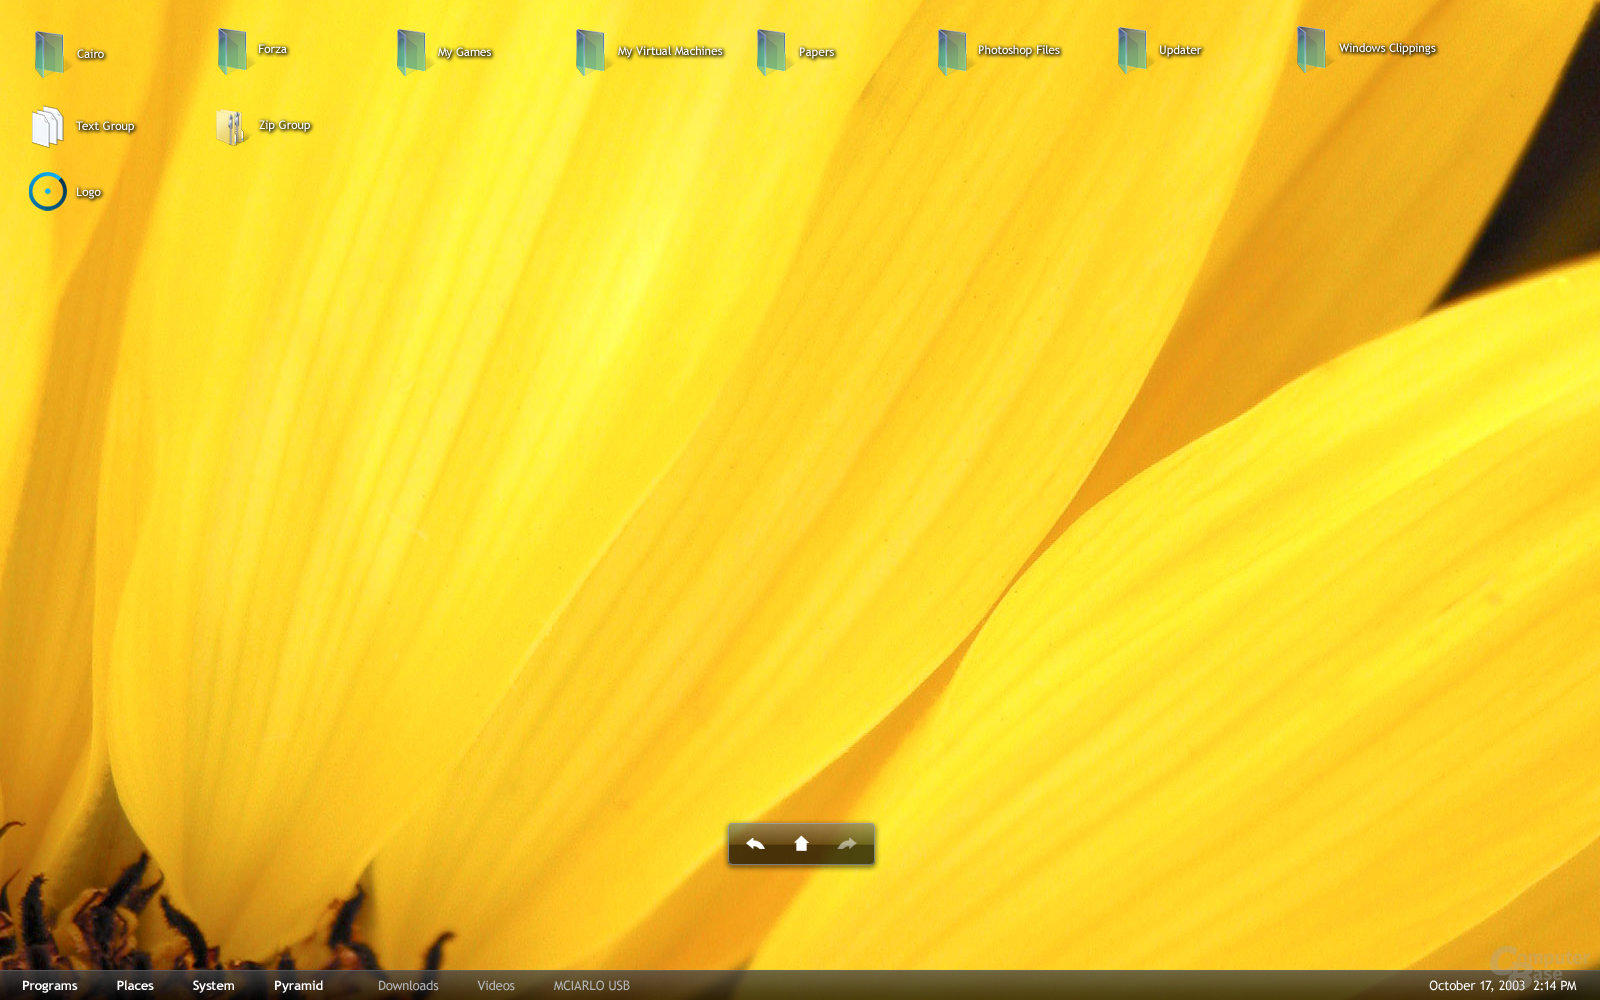 Cairo Dynamic Desktop